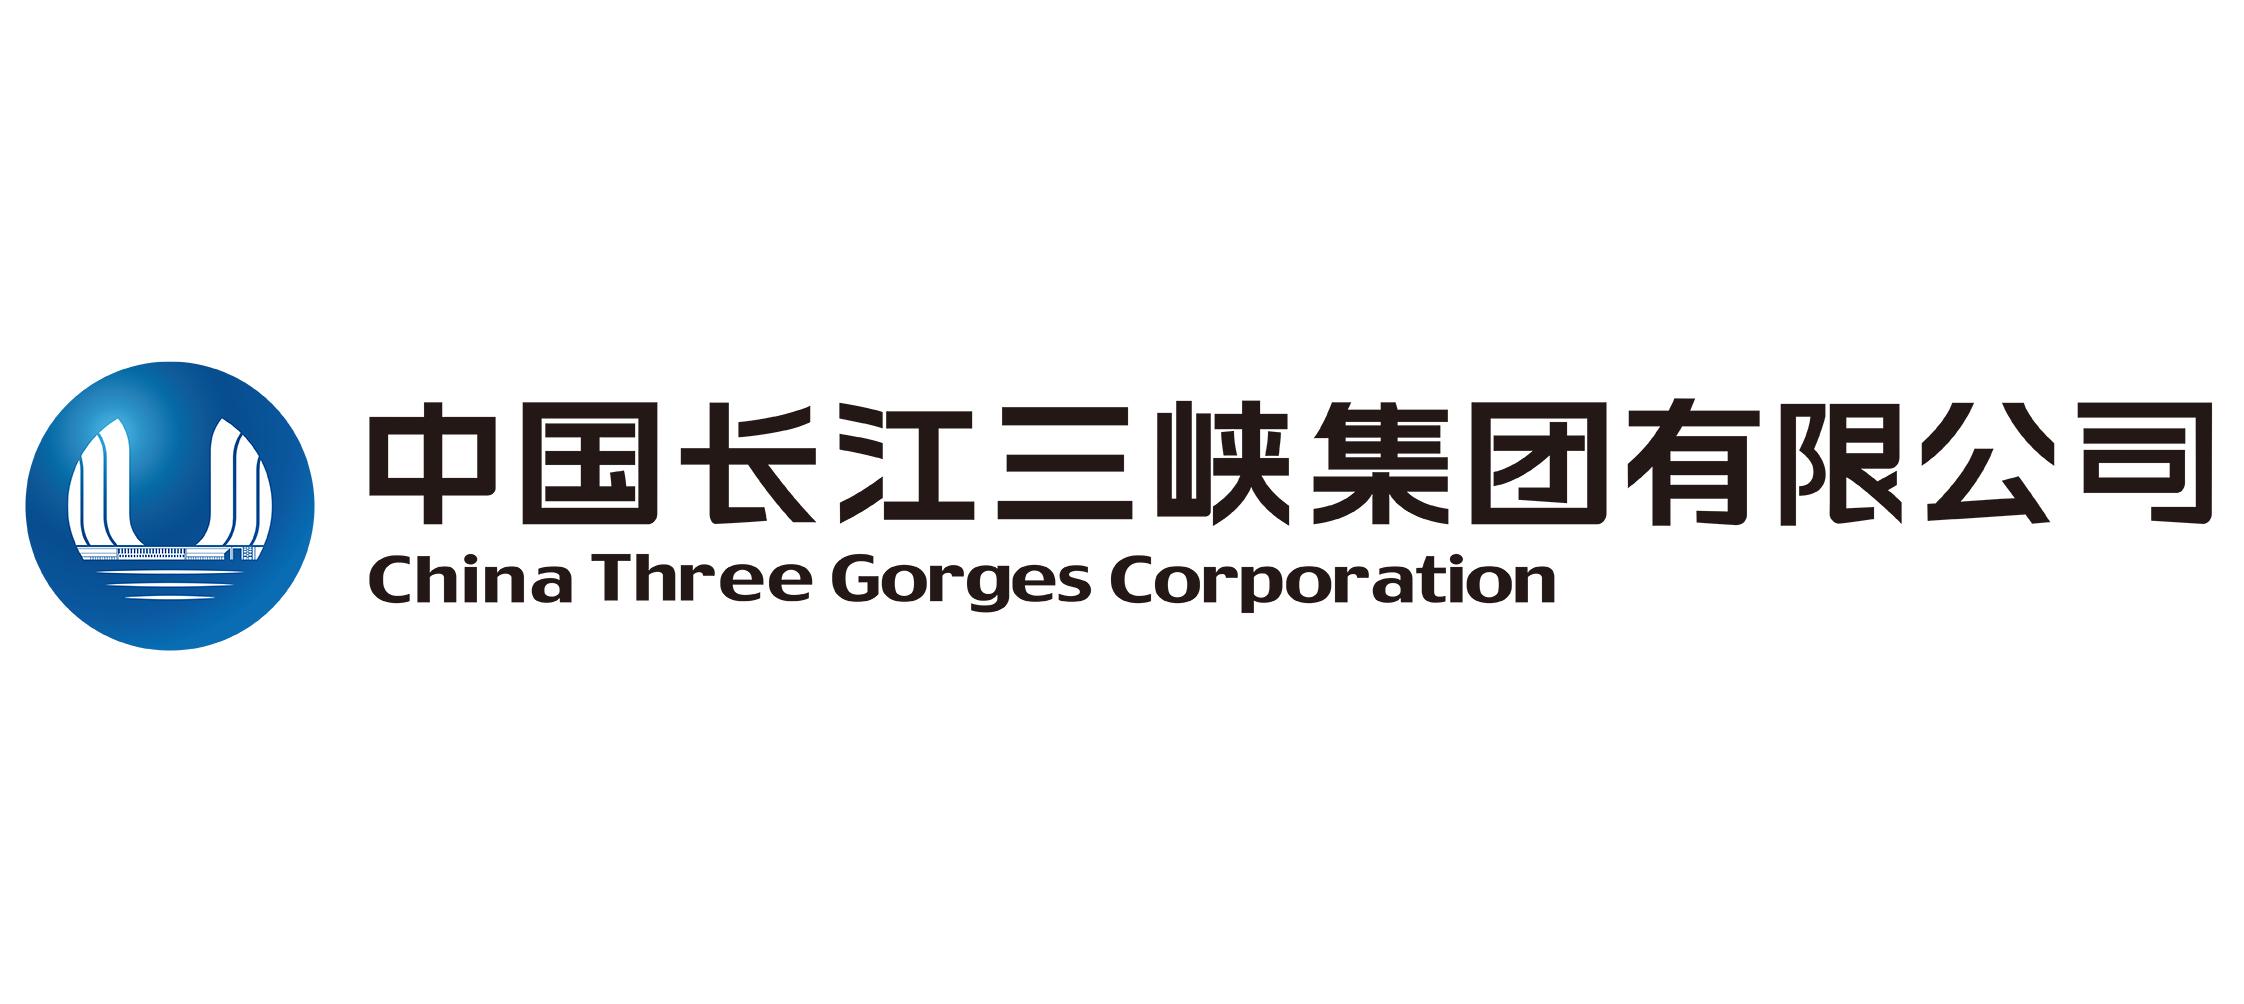 三峡集团公司logo-网站首页用